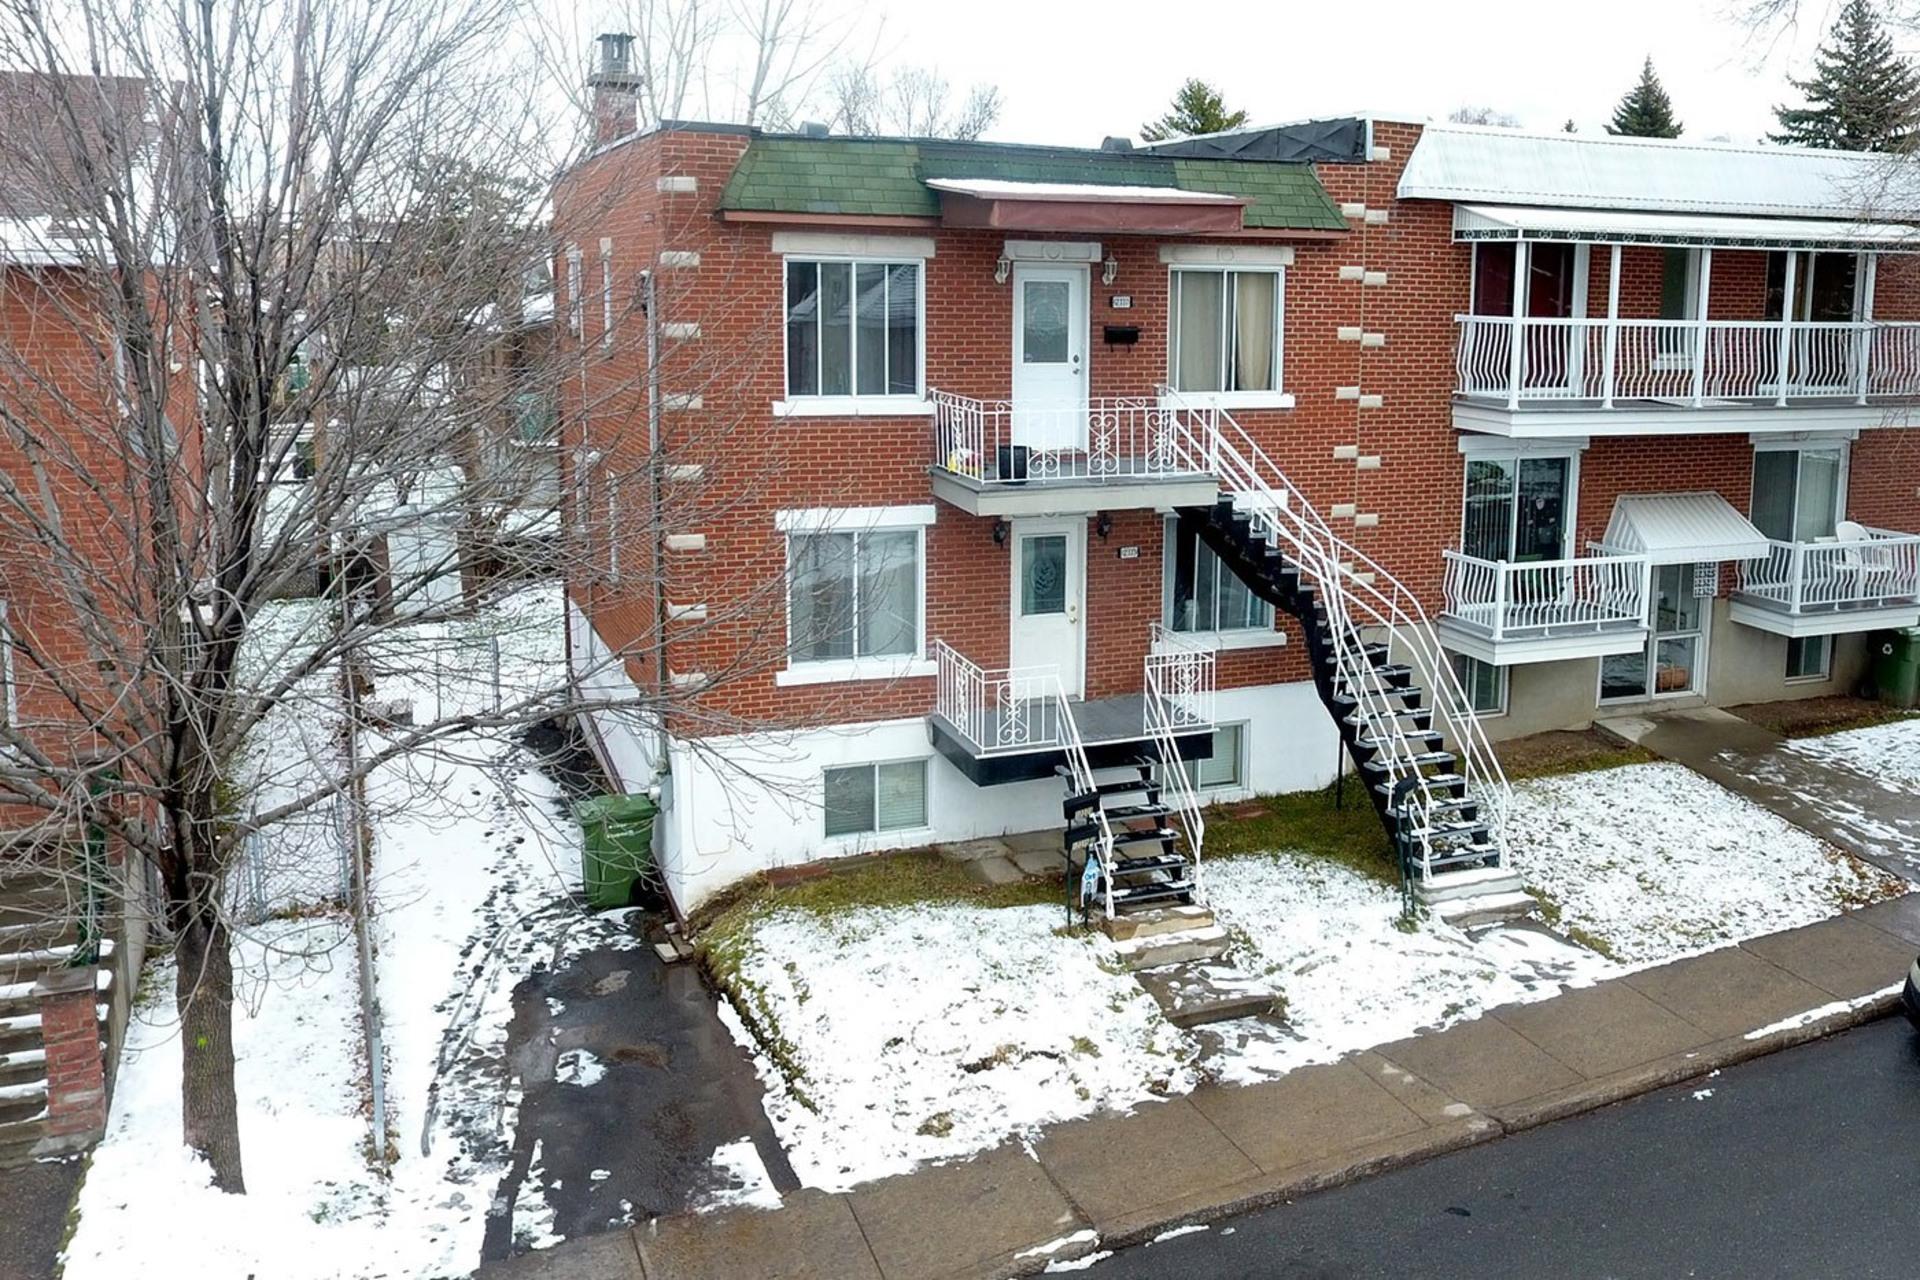 image 32 - Duplex For sale Rivière-des-Prairies/Pointe-aux-Trembles Montréal  - 4 rooms